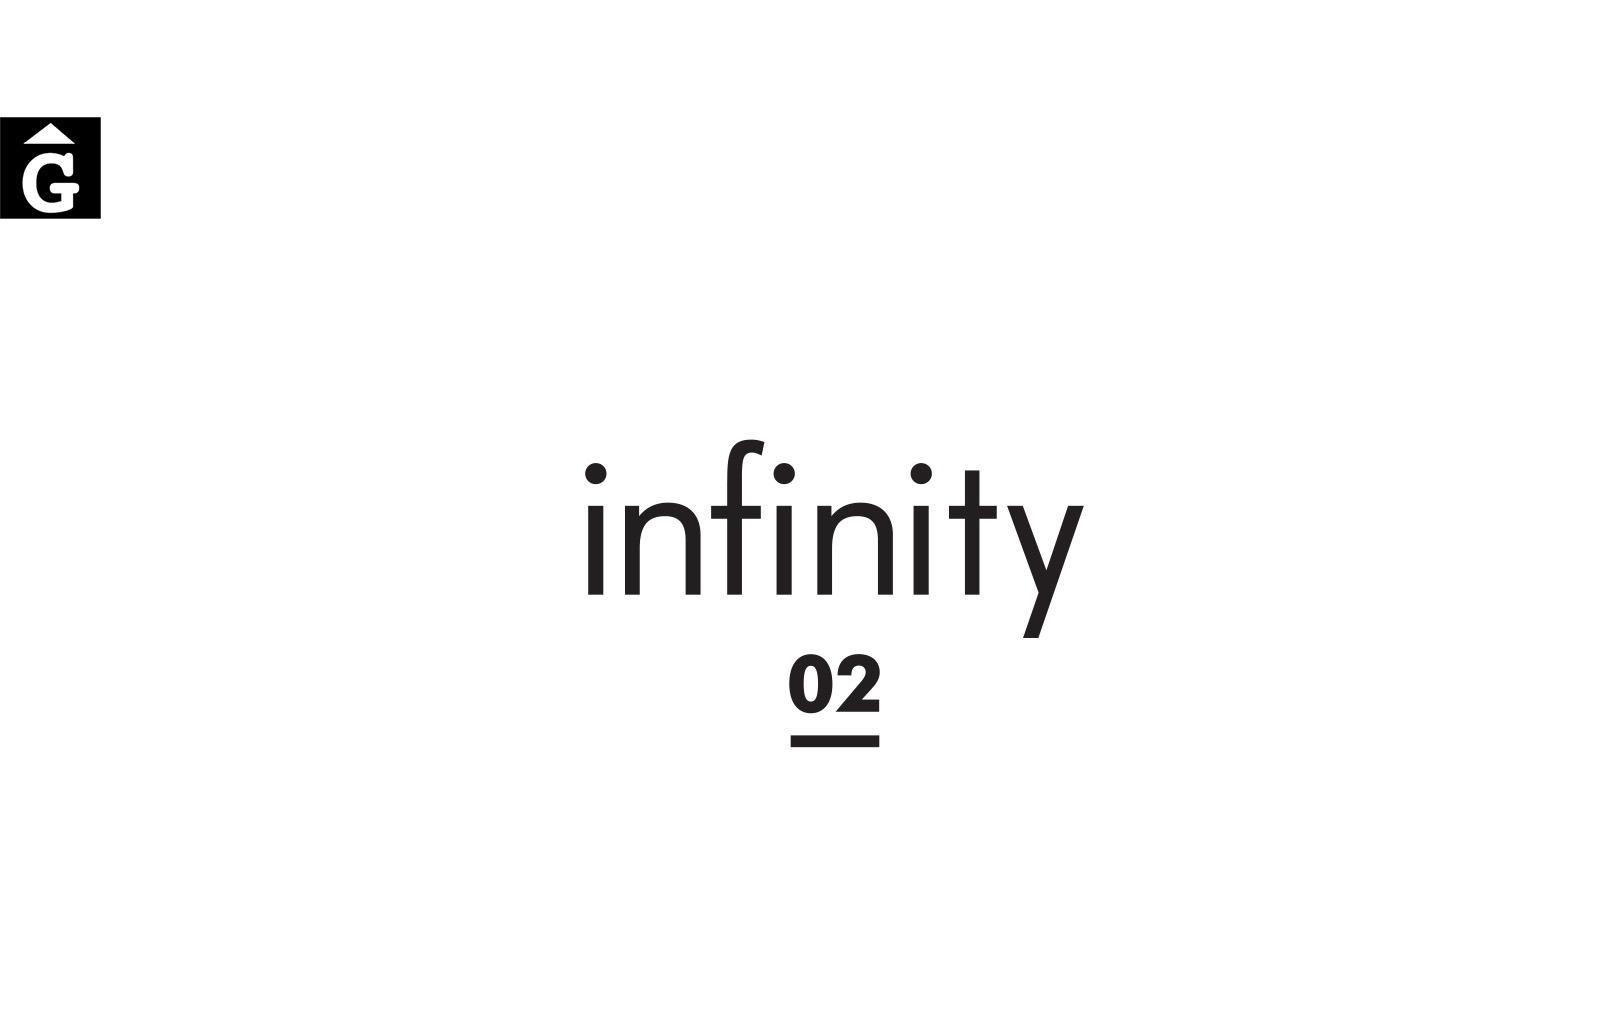 Infinity 02 Logo Marques per mobles Gifreu